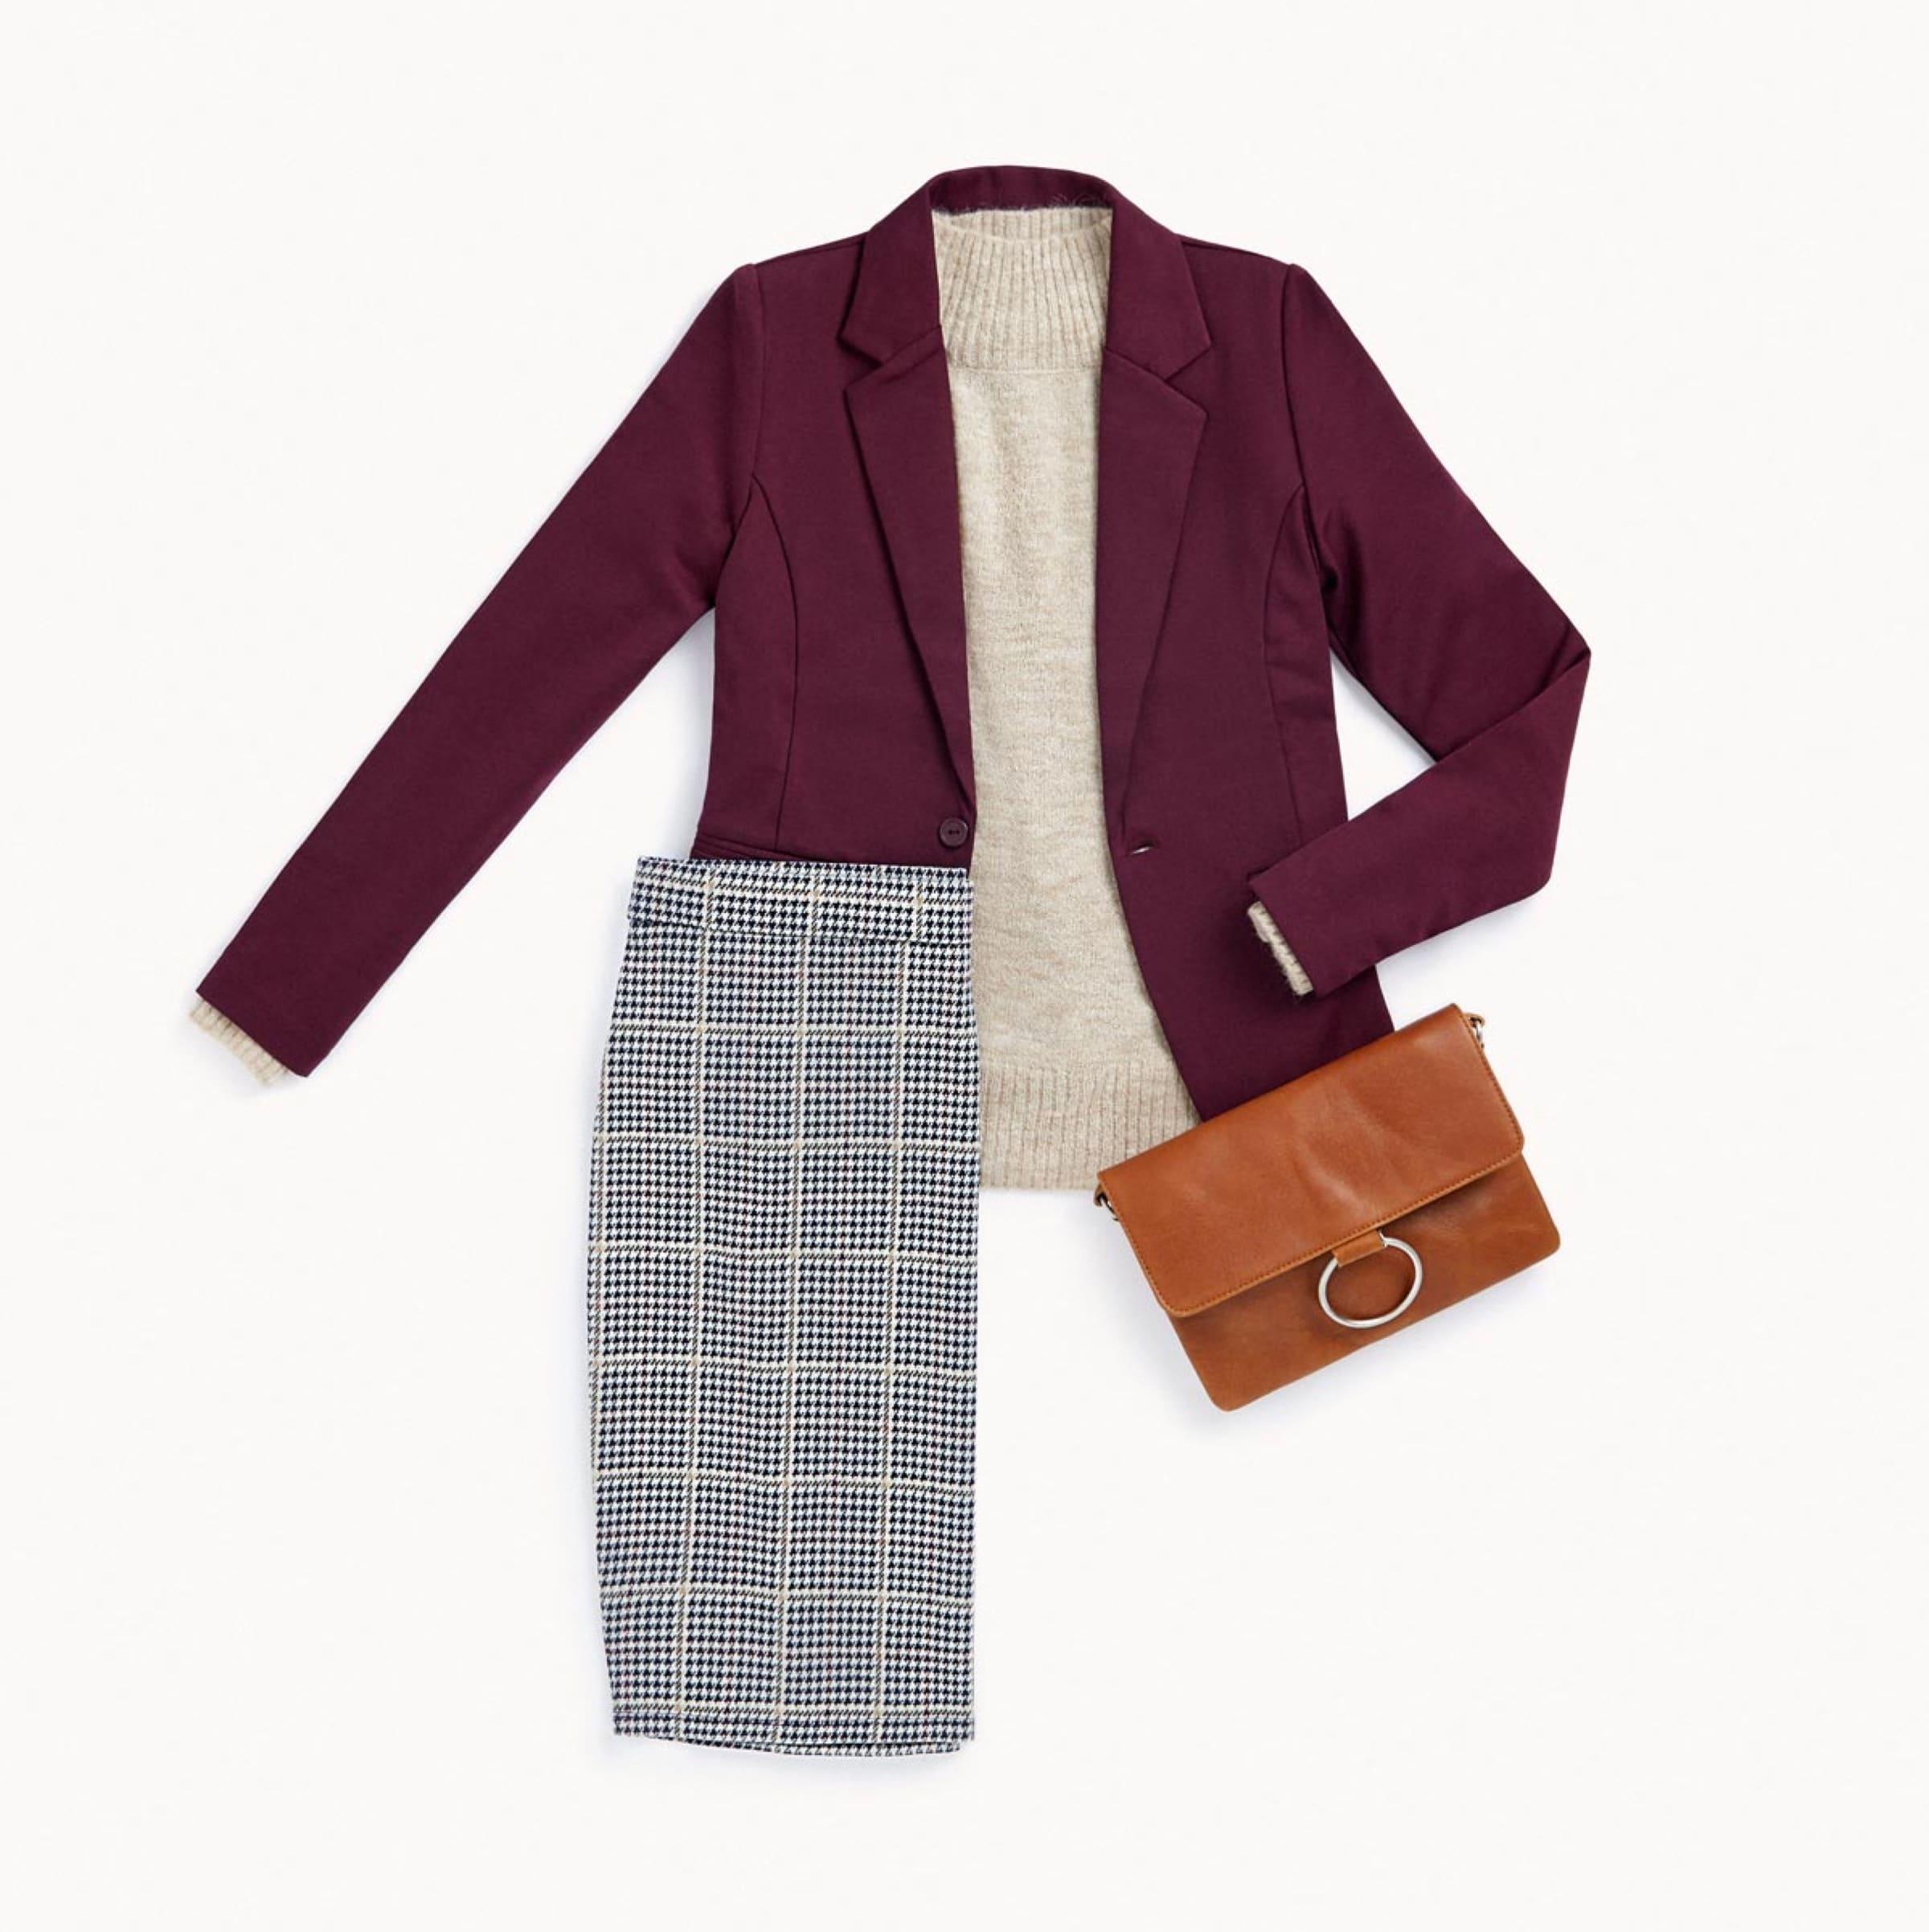 La jupe crayon et le blazer bordeaux